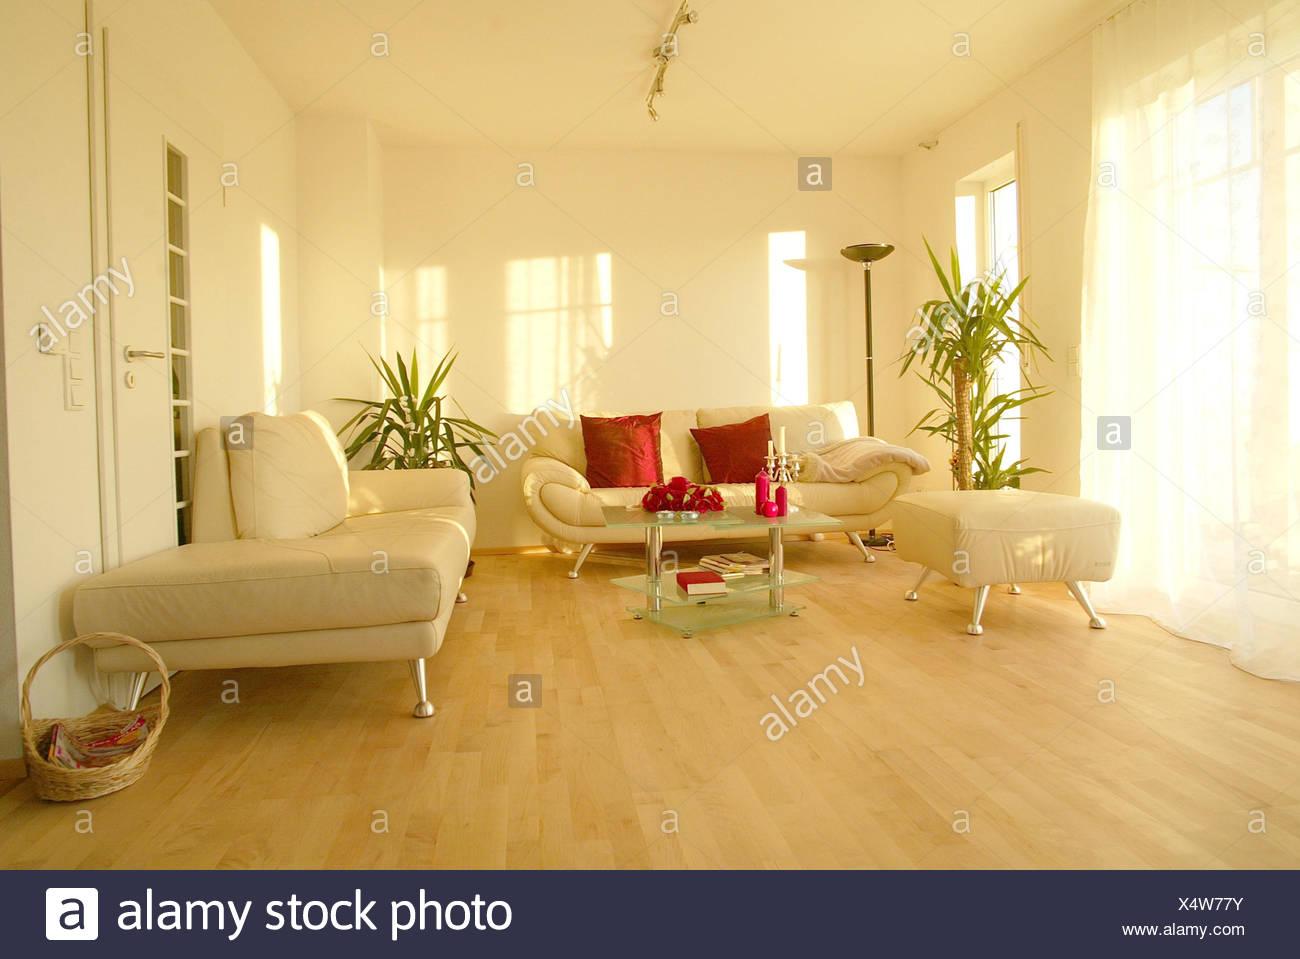 Wohnzimmer, Einrichtung, Modern, Hell, Innen, Innenaufnahme, Wohnung,  Wohnraum, Sofa, Couch, Weiße, Dekorative Kissen, Rot, Inneneinrichtung,  Innenaufnahme, ...